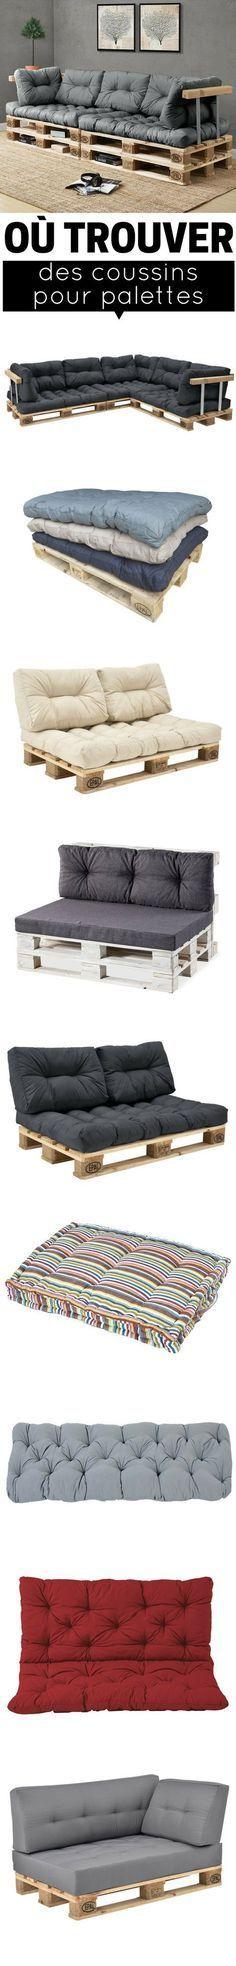 Coussin pour palette o trouver des coussins pour meubles en palette d co mobilier de - Trouver des meubles de salon pour vous ...